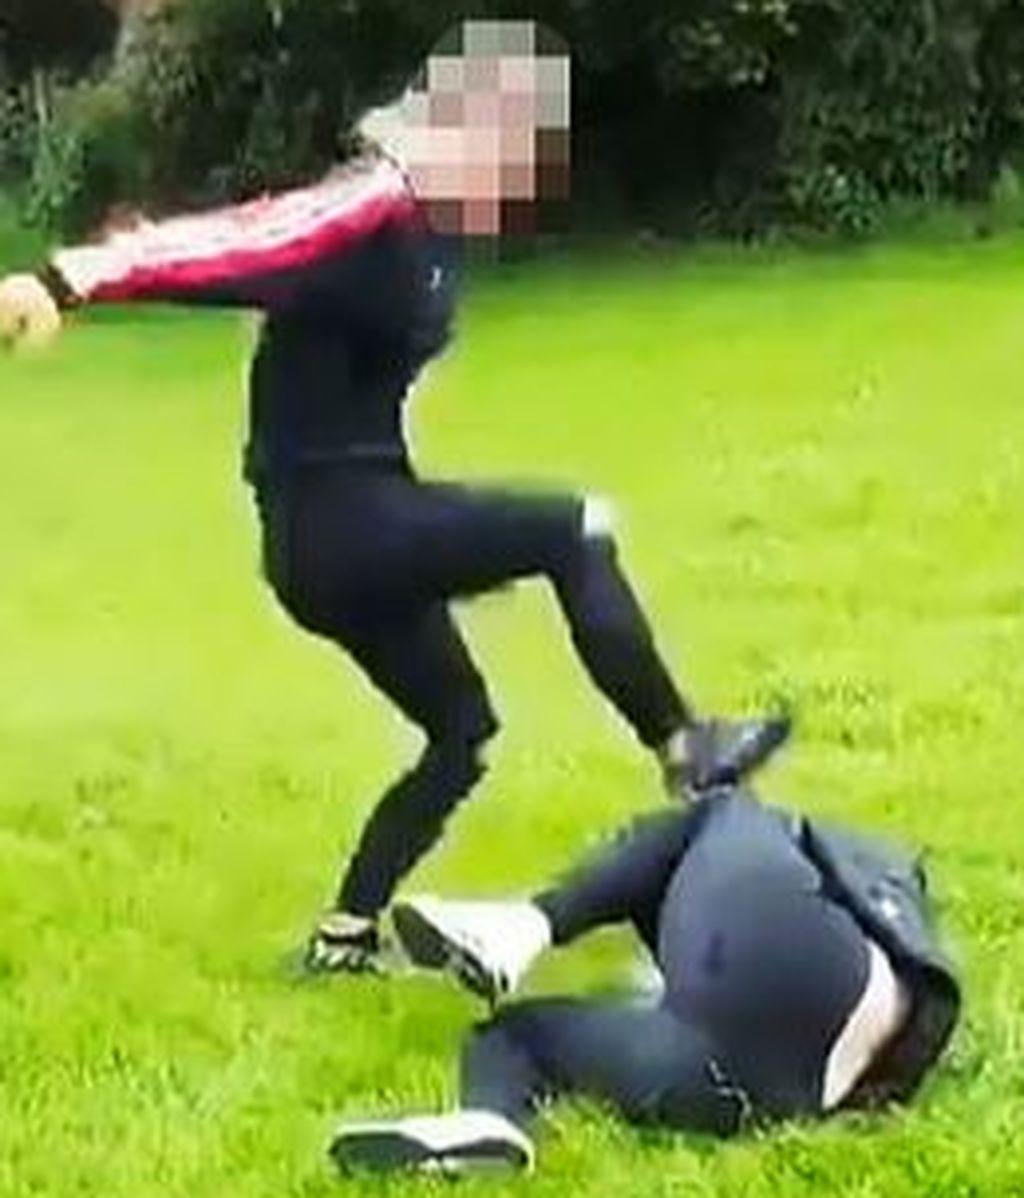 Espeluznante paliza a una niña de 14 años: le golpea la cabeza como si fuera un balón